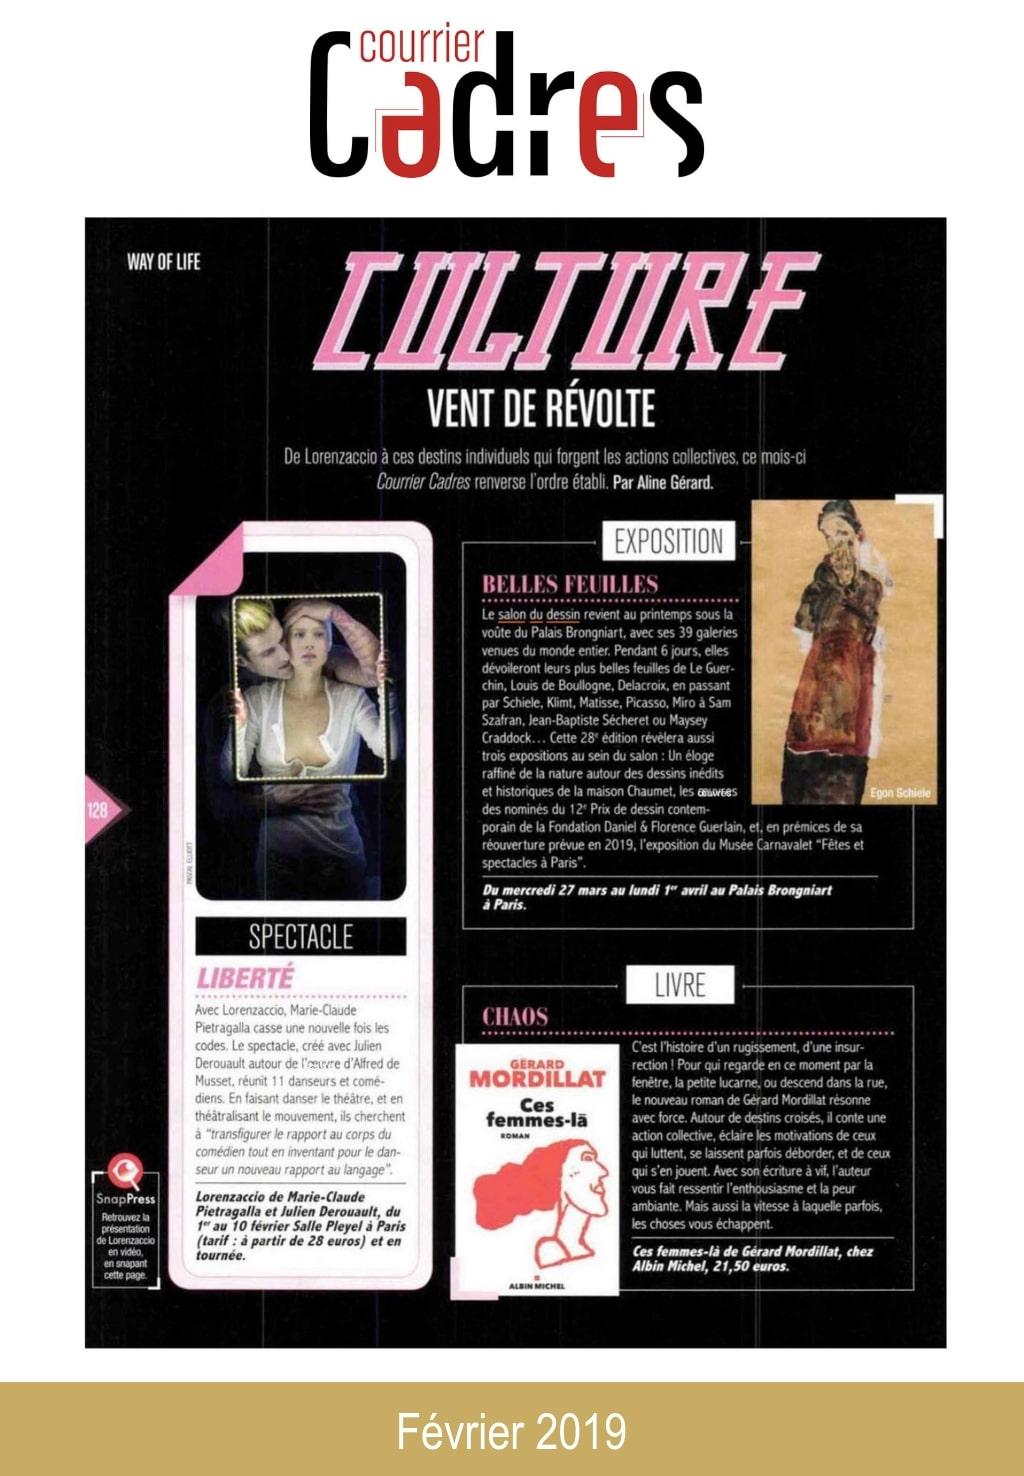 Article de presse du Salon du Dessin 2019 : Courrier Cadres